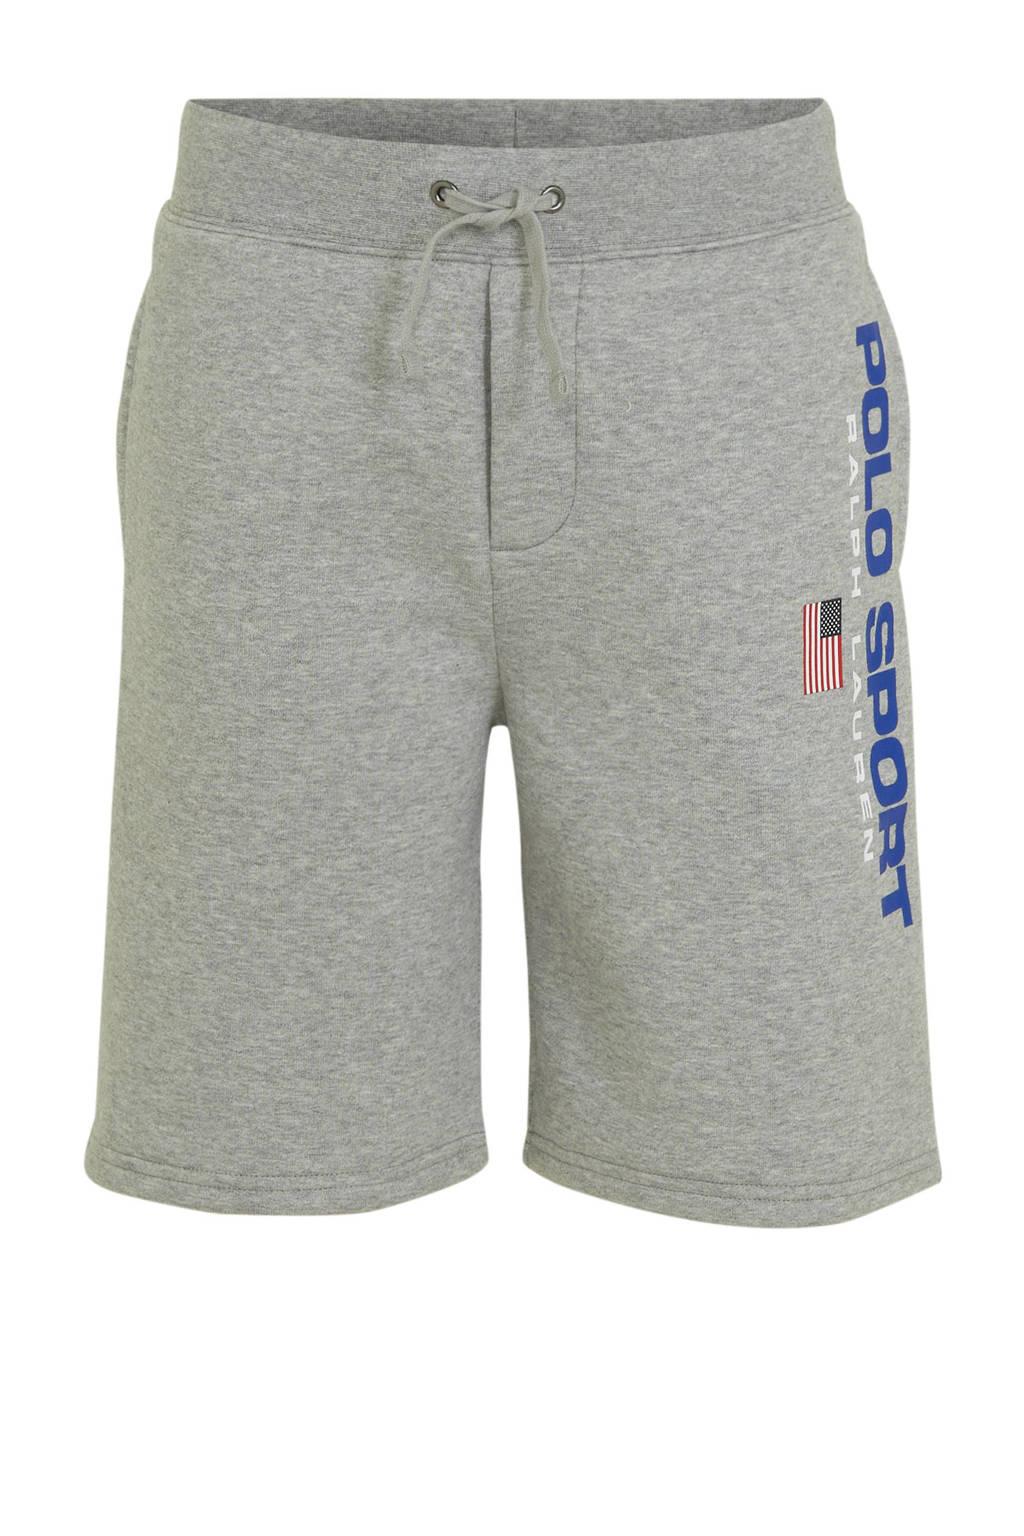 POLO Ralph Lauren sweatshort met logo grijs melange, Grijs melange